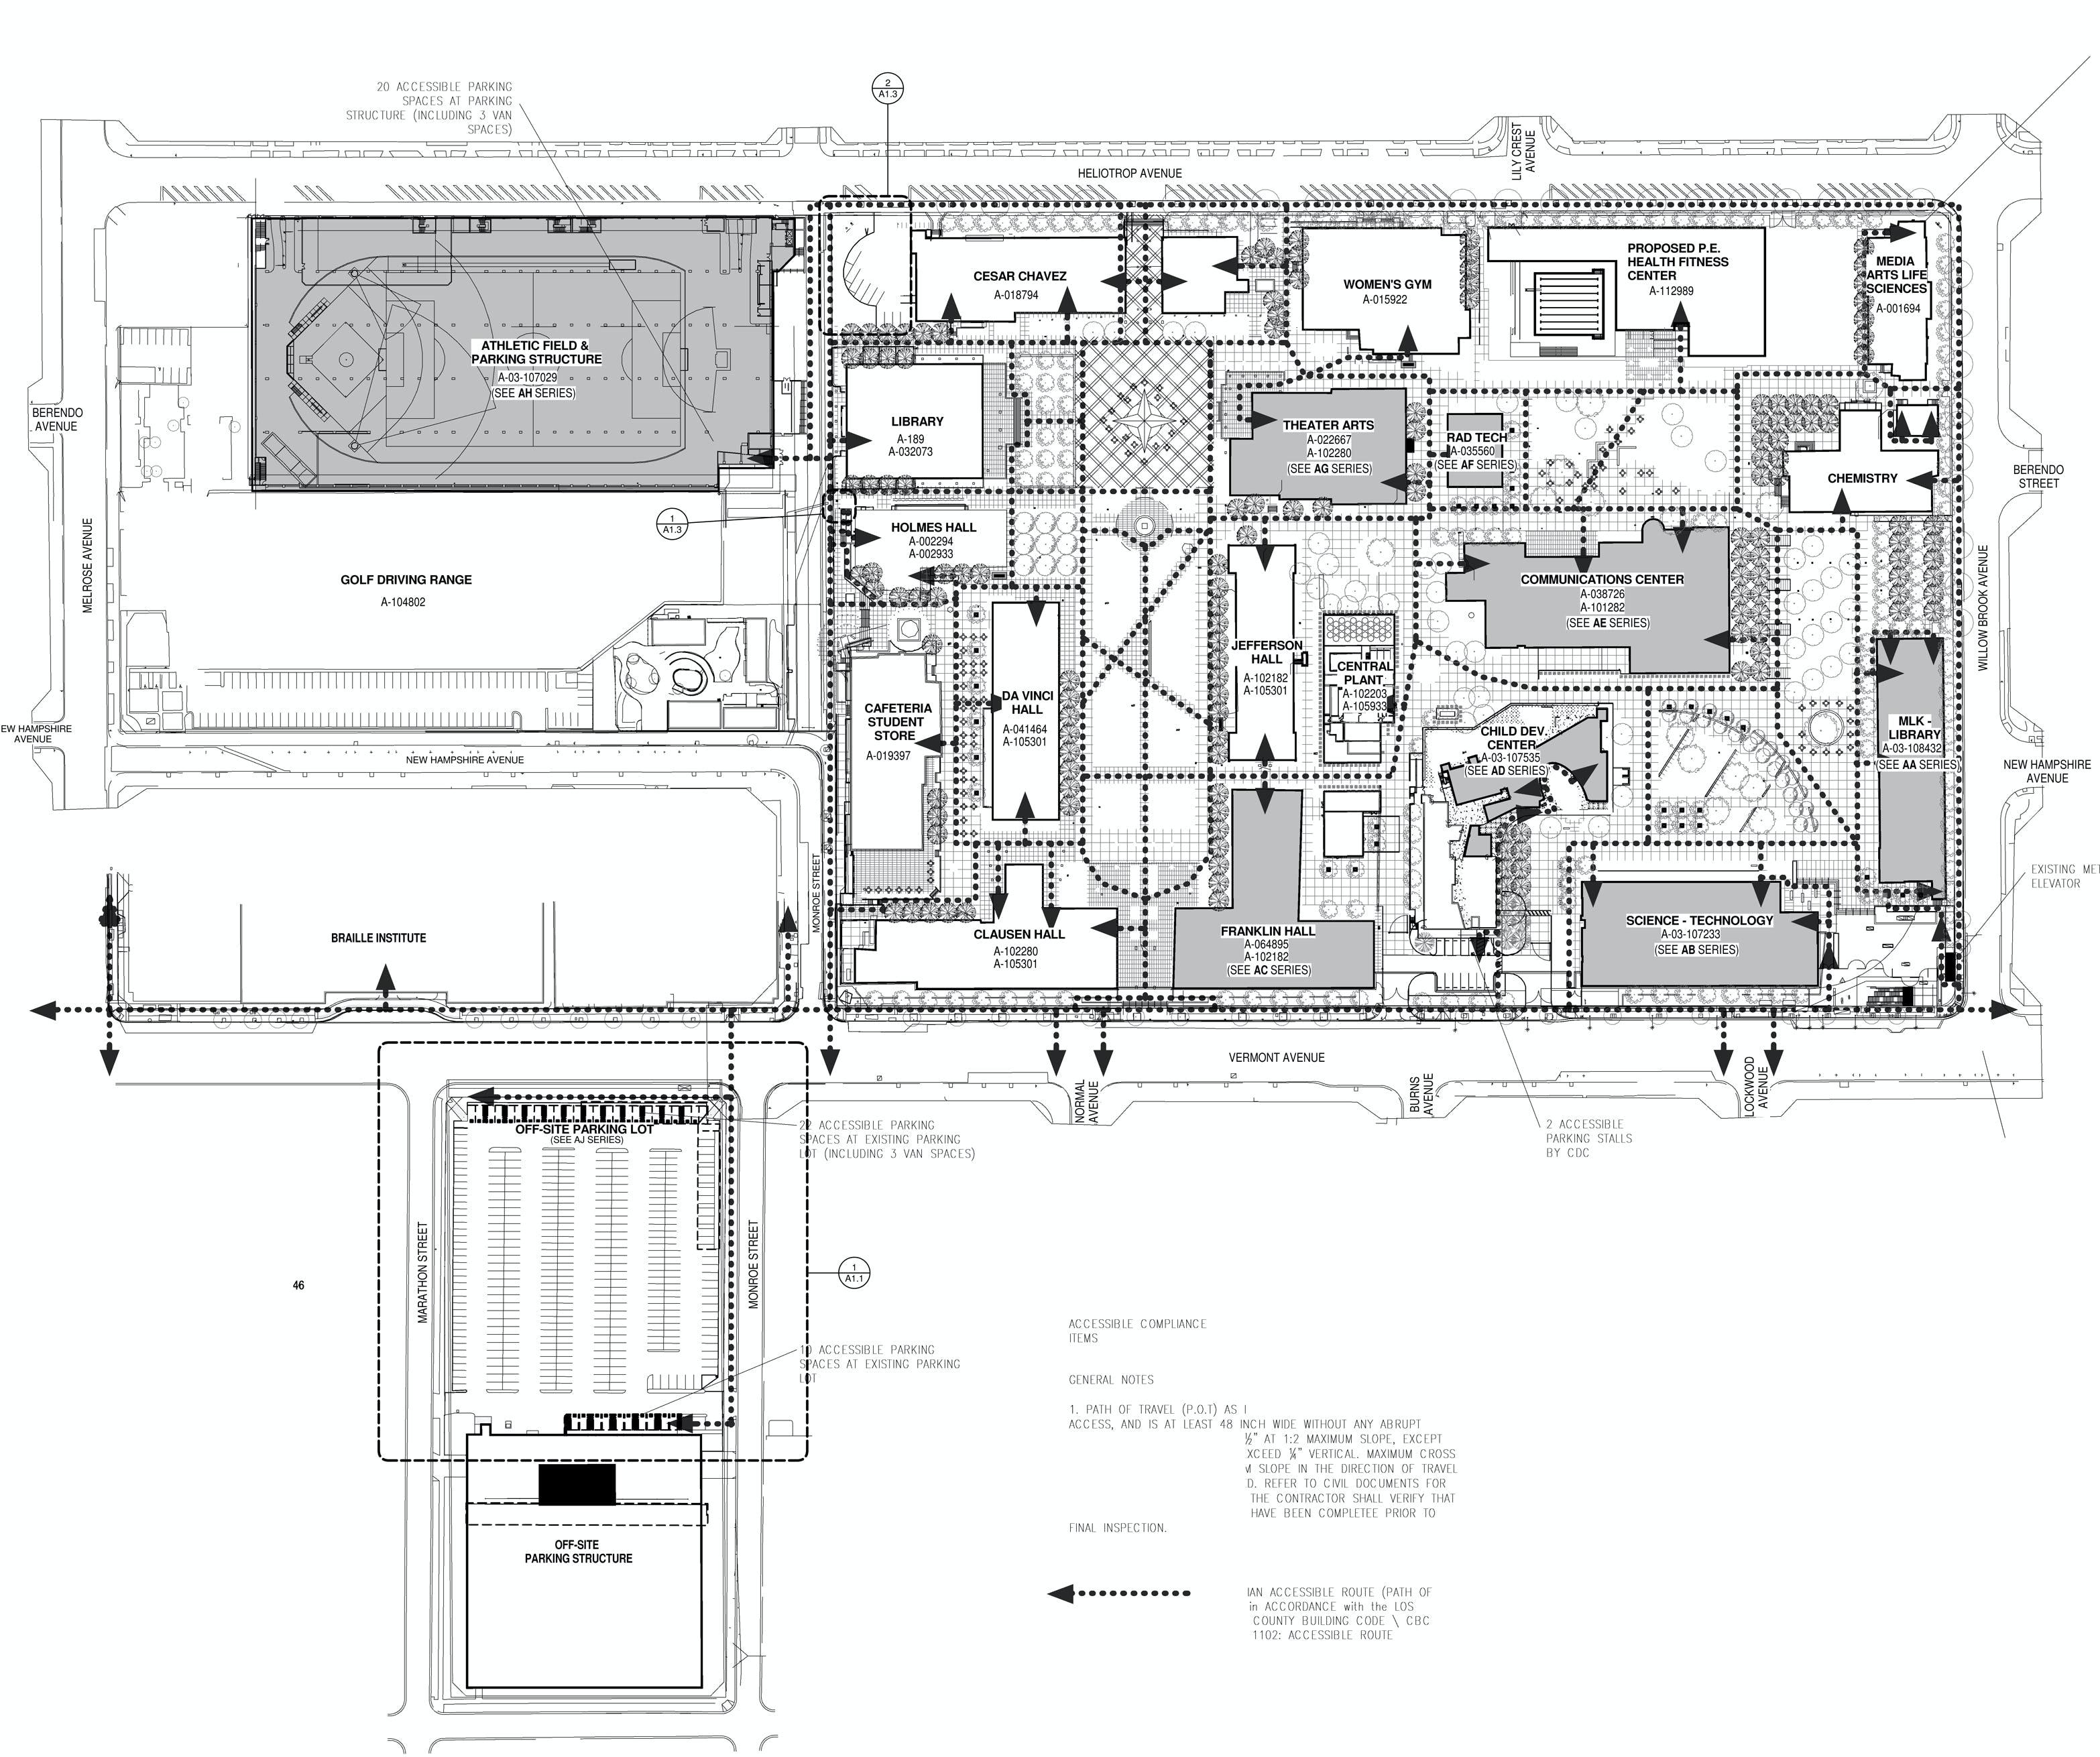 Laccd site plan